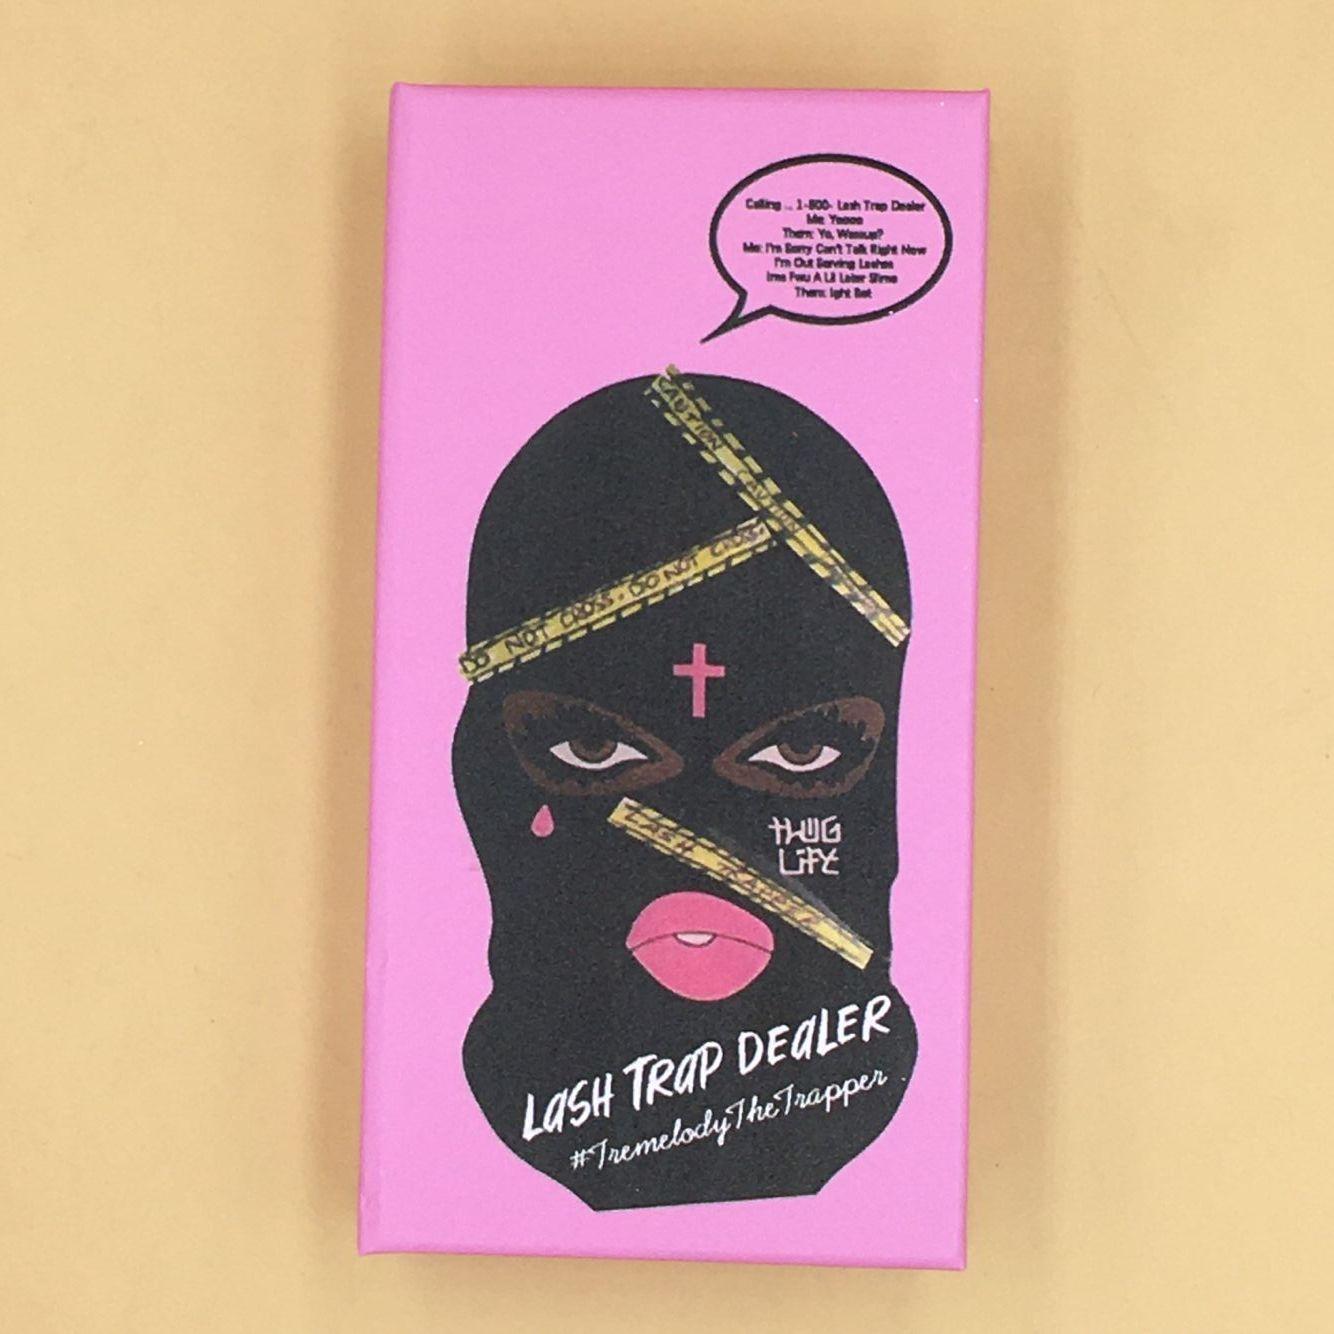 收藏到 wholesale mink lashes and packaging